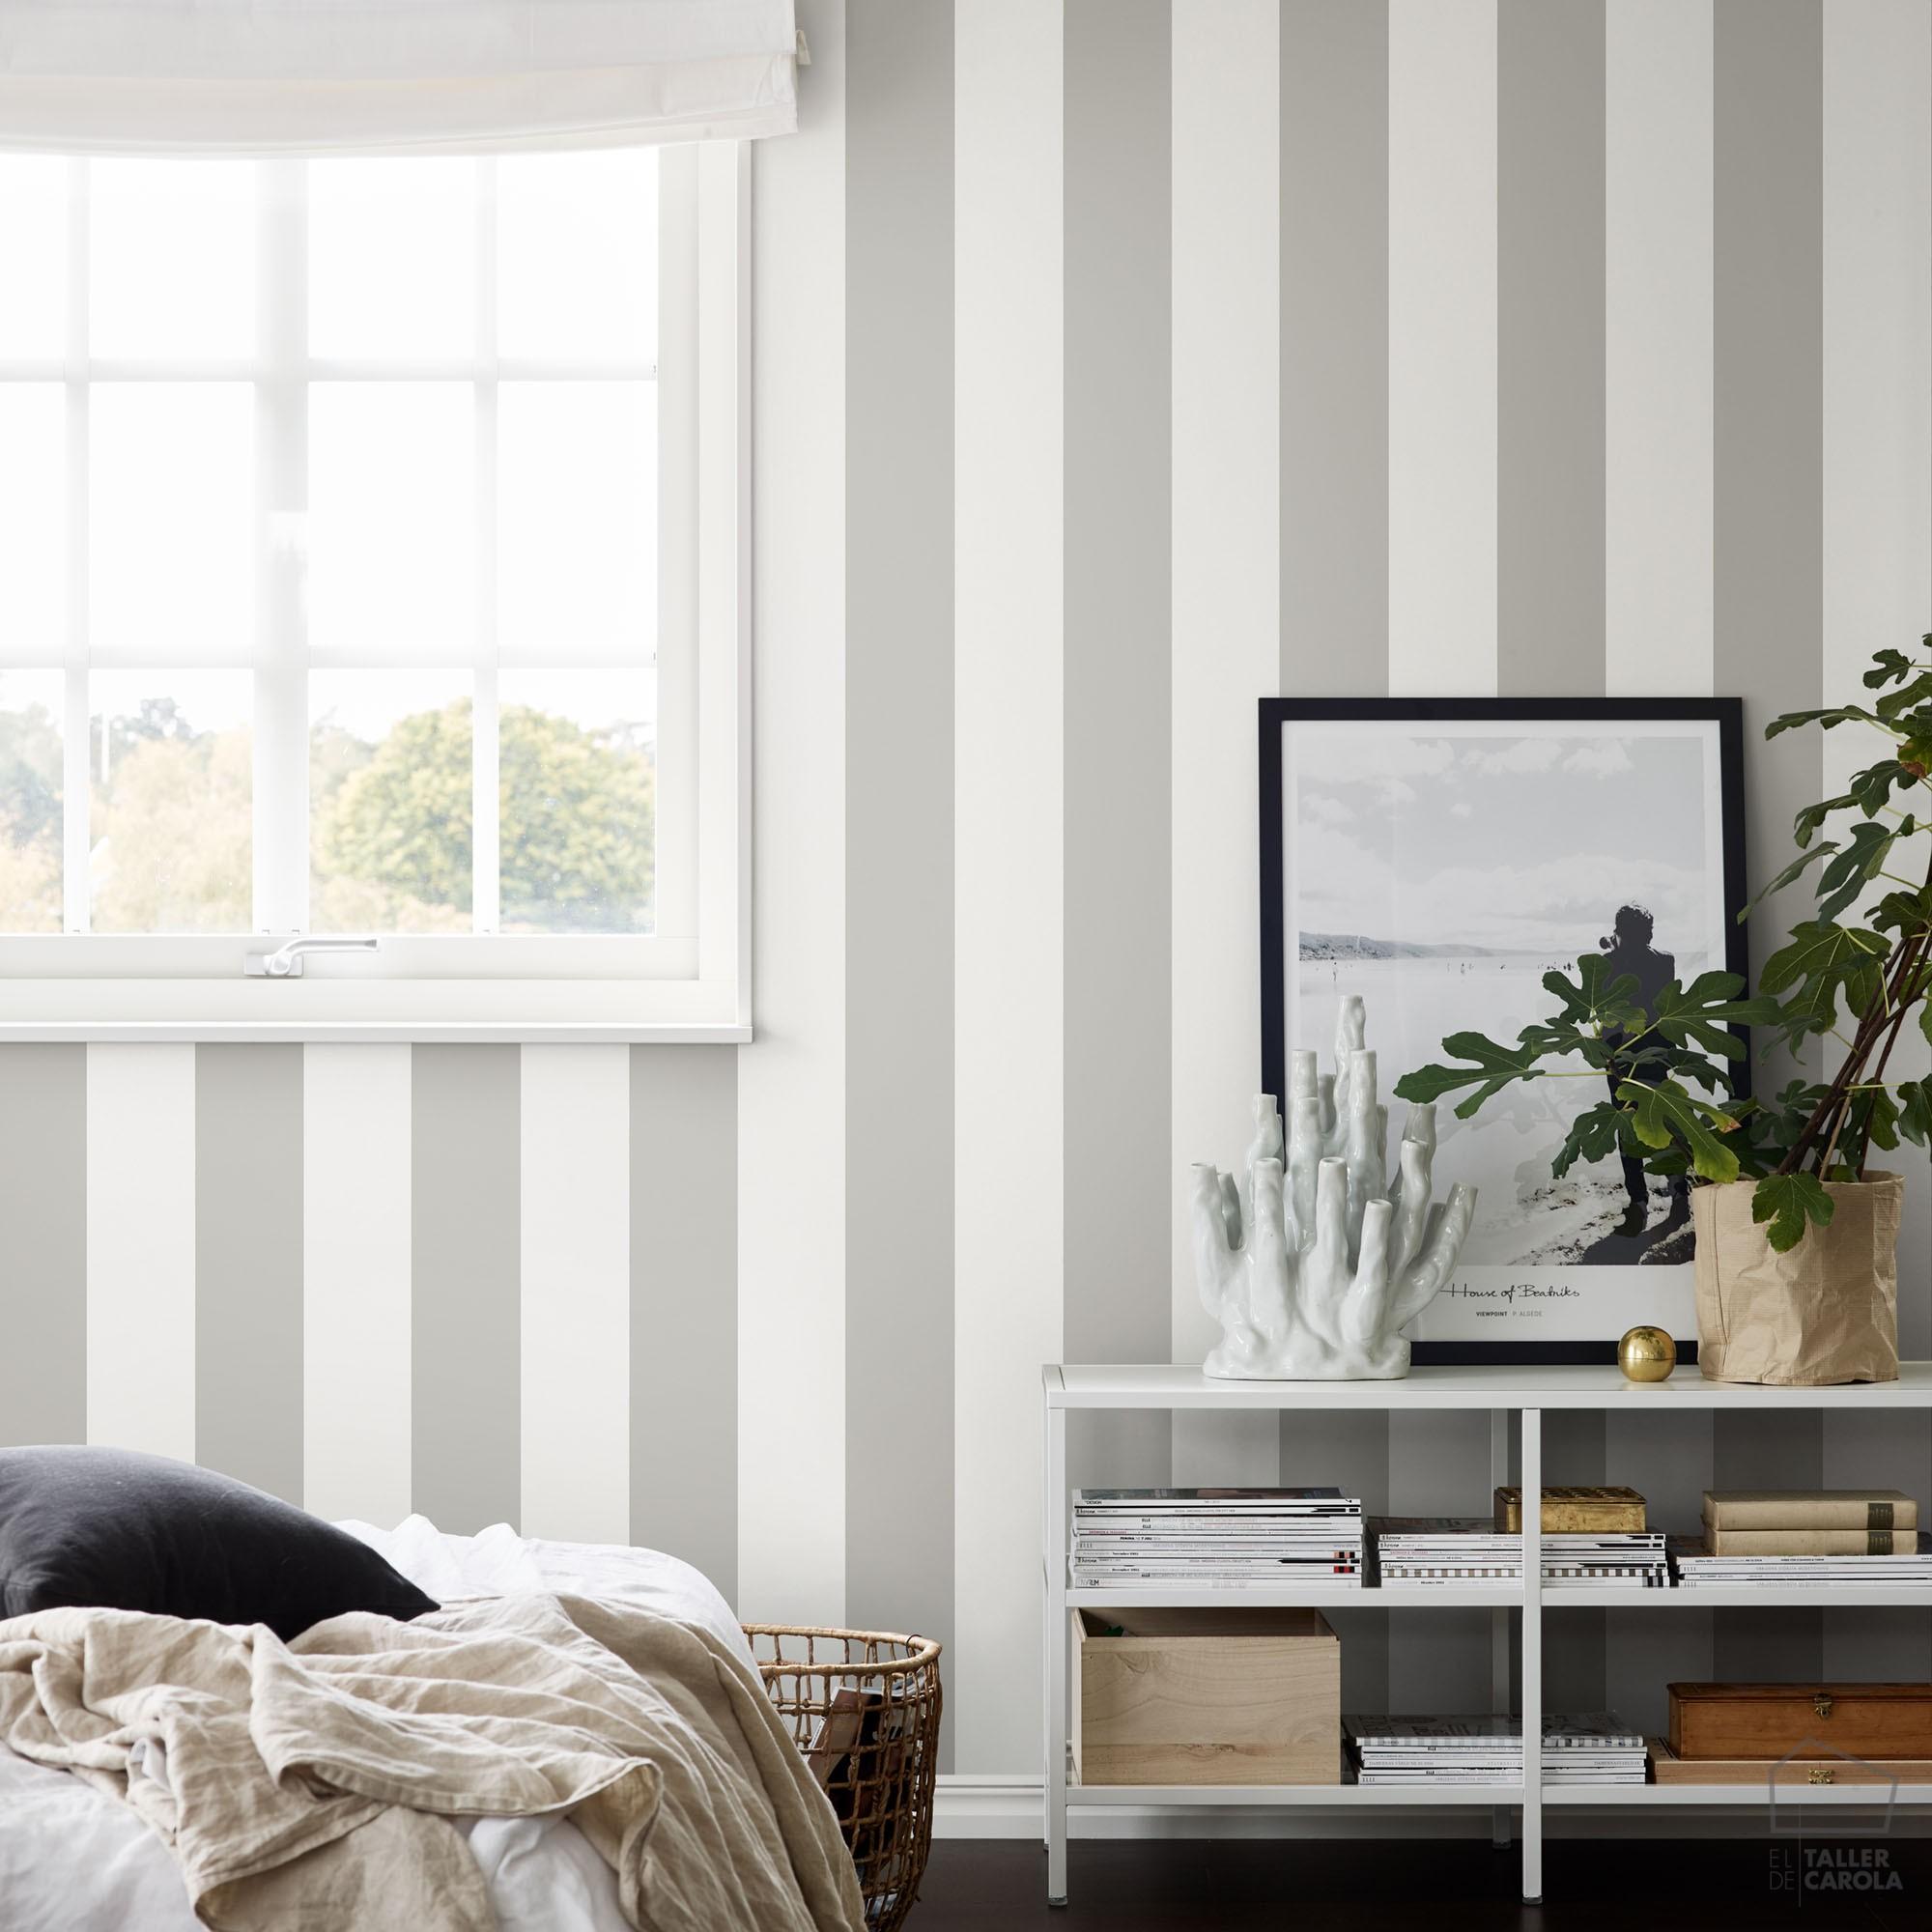 Papel pintado rayas gris oscuro el taller de carola - Como decorar un mueble con papel pintado ...